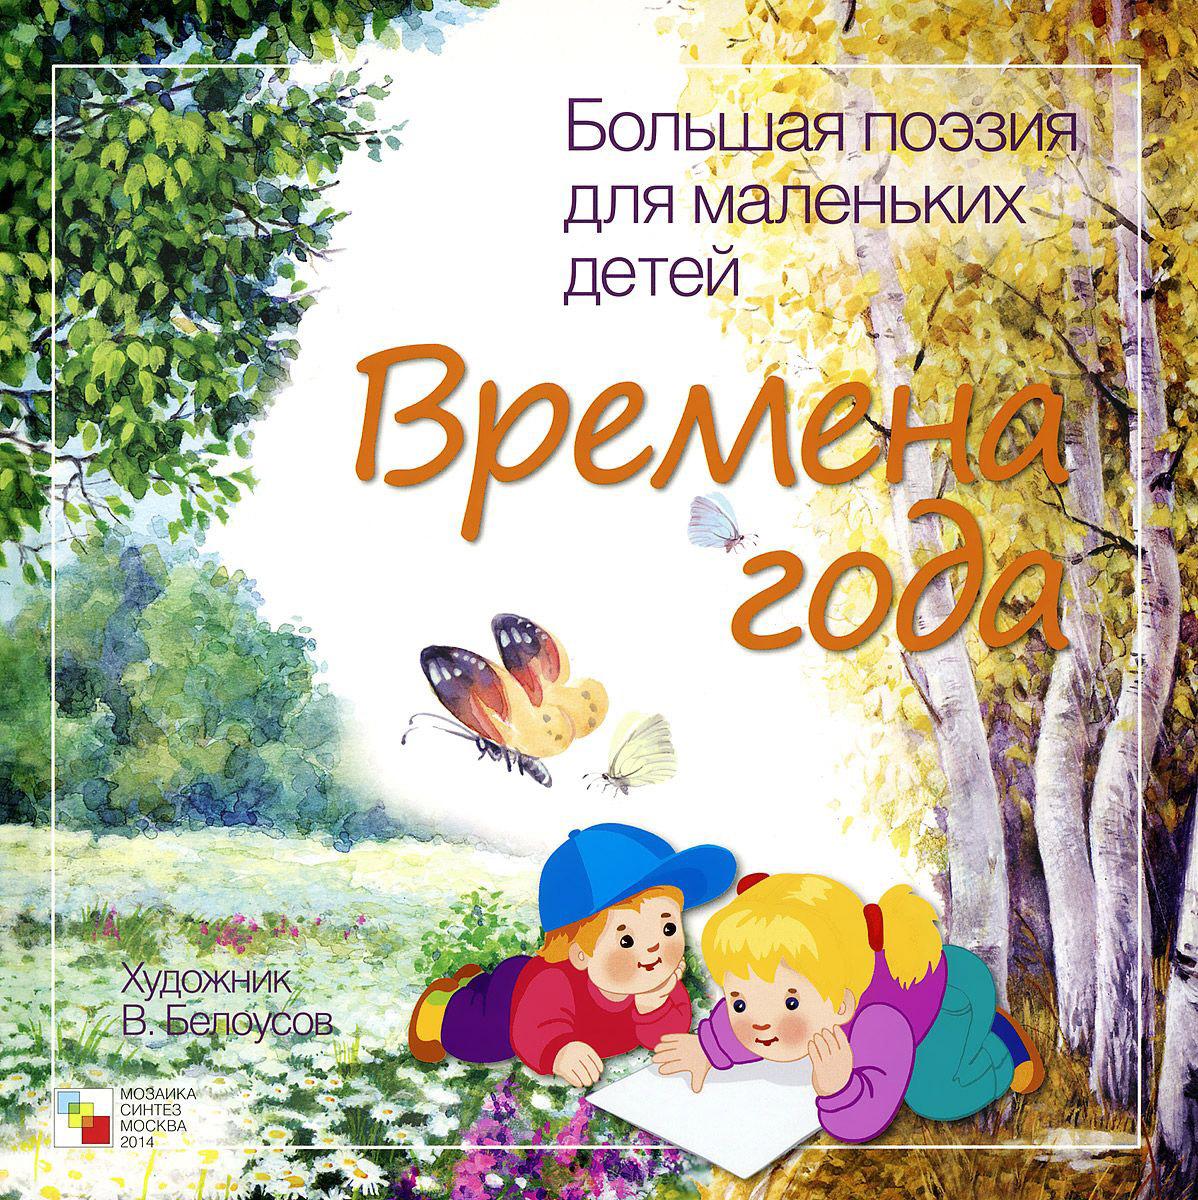 Купить Сборник стихотворений русских классиков - Большая поэзия для маленьких детей - Времена года, Мозаика-Синтез